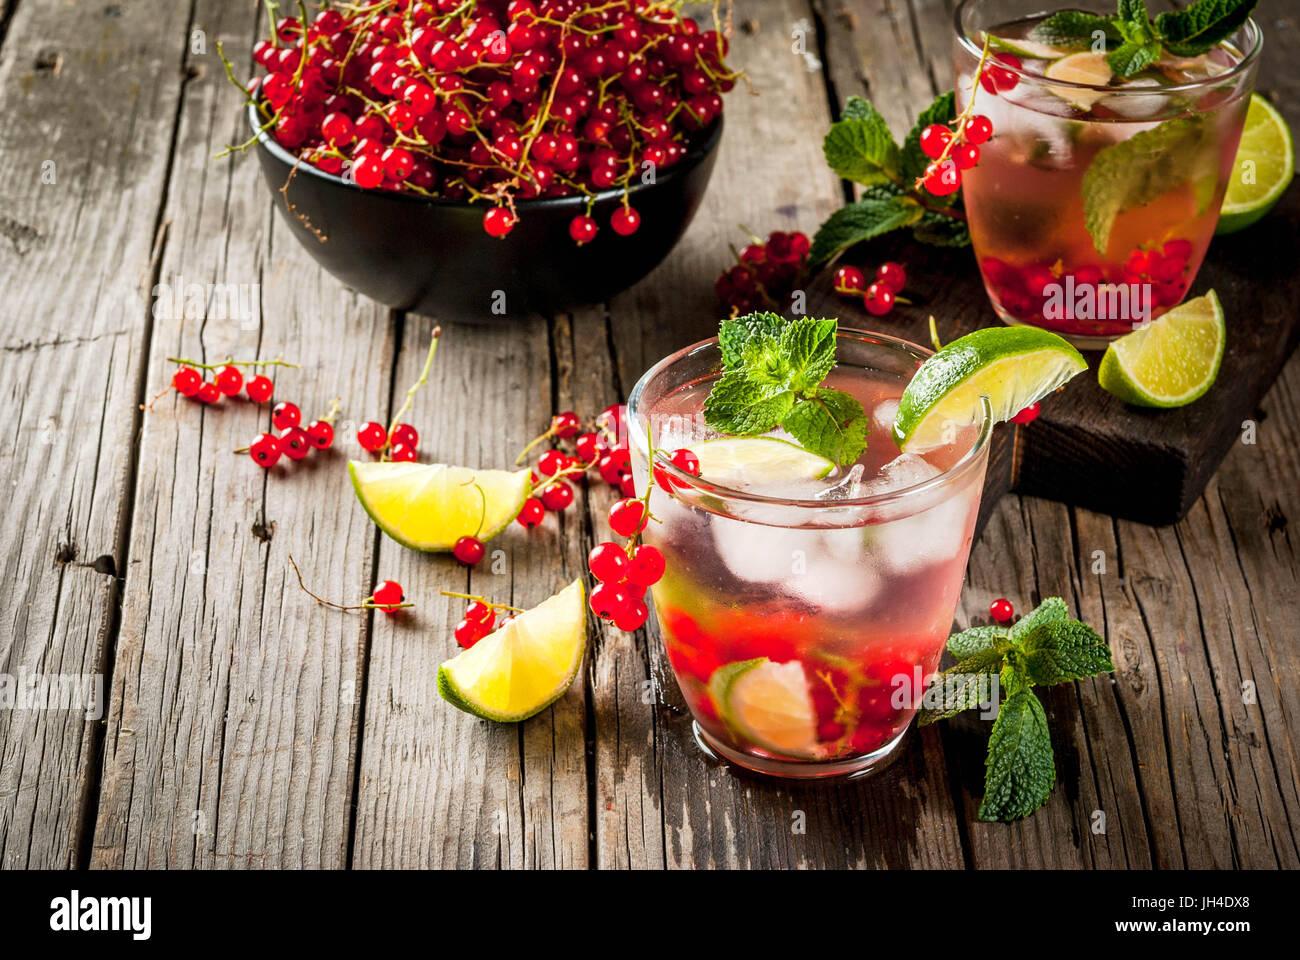 Ideas de verano de bebidas, cócteles saludable dieta. Mojito de tilo, menta y grosellas. En la vieja mesa de Imagen De Stock